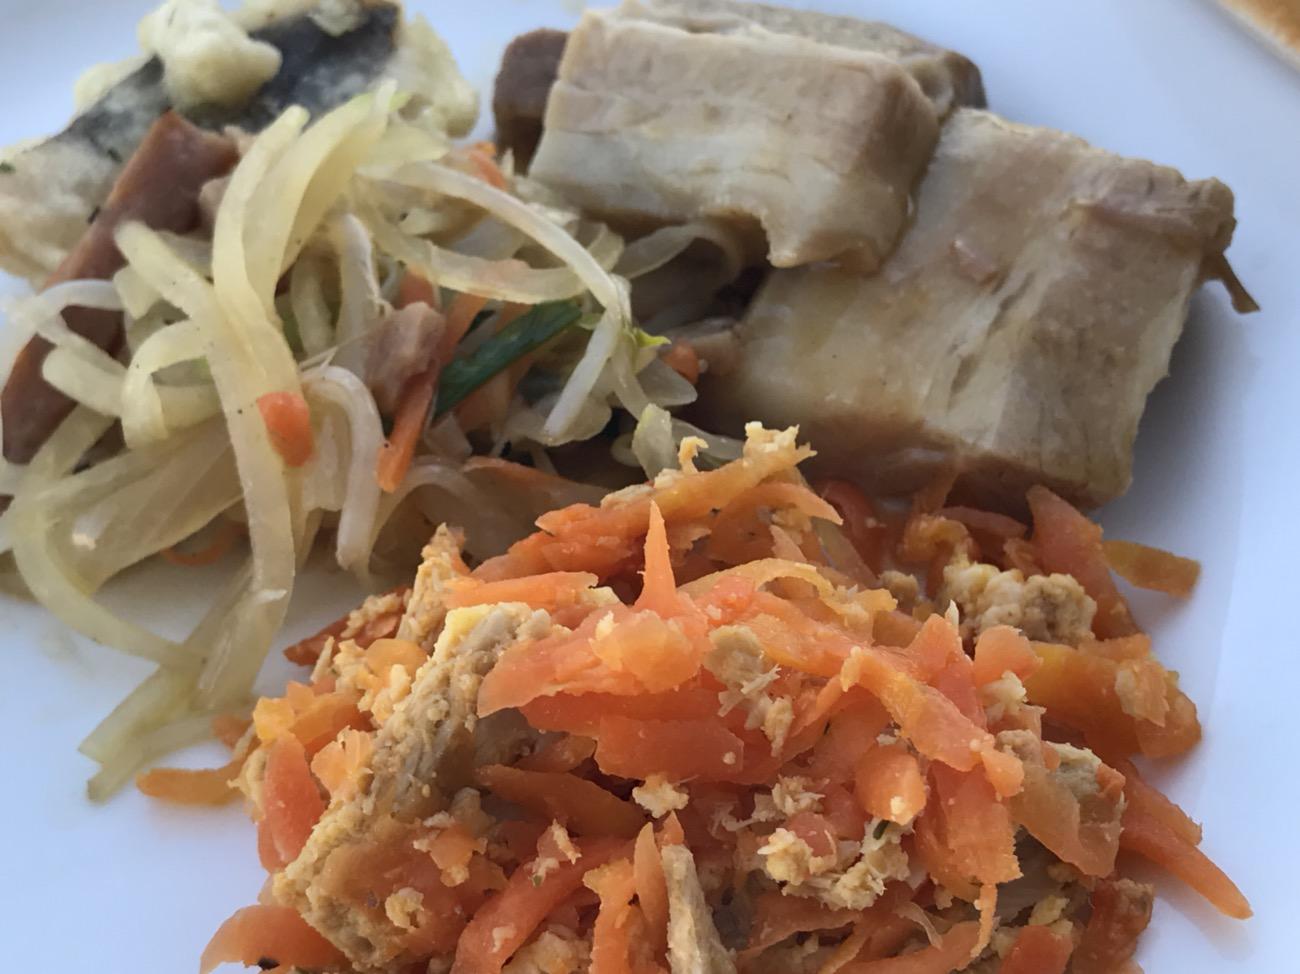 沖縄料理メニューが豊富な朝食ビュッフェホテルイーストチャイナシー